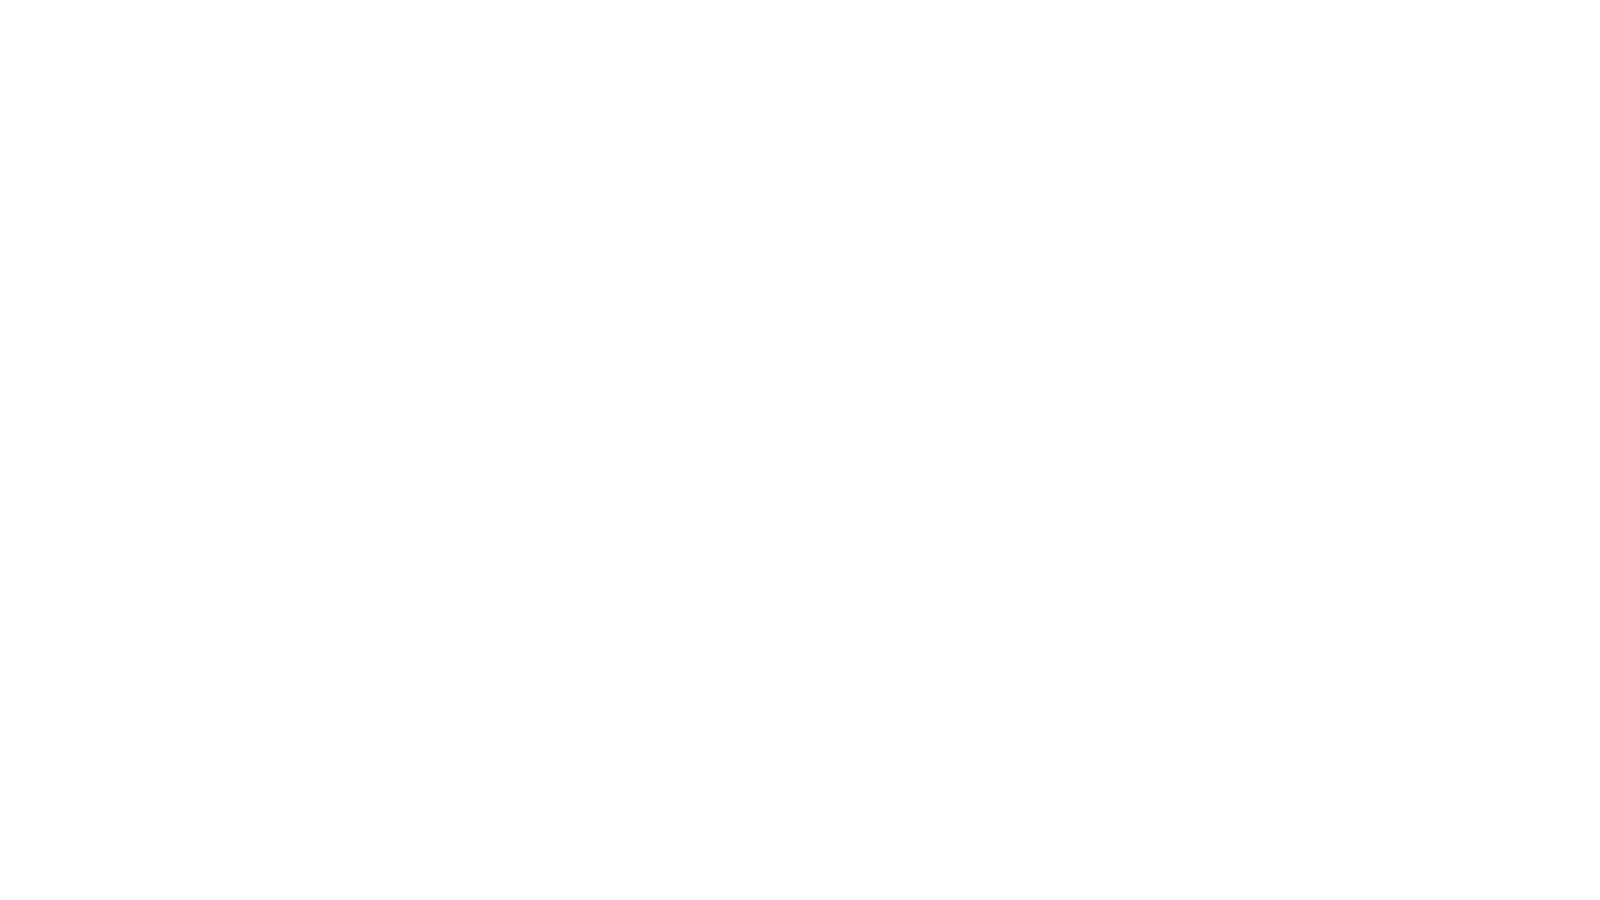 Narvalo Urban Active Mask è l'ultimo prodotto di #Narvalo, un'italianissima startup. Mi hanno chiesto di provarla in anteprima perché no, non è una mascherina classica. E' smart. Urban Active integra infatti l'Active Shield con una ventola  intelligente che ottimizza il flusso d'aria, il che la rende perfetta sia per gli spostamenti cittadini (evitando così lo smog) ma anche per gli sportivi (magari proprio quelli che vogliono correre all'aperto ma sono allergici ai pollini e fanno magari fatica a respirare in primavera).  Ma non voglio spoilerarvi niente vi racconto tutto in questo video. Non è una vera e propria recensione quanto più una prova sul campo.  Ah, dimenticavo! Avete ancora pochissimi giorni per acquistarla su Kickstarter!  Potete farlo qui: https://www.kickstarter.com/projects/975871062/narvalo-urban-active-the-first-iot-and-adaptive-face-mask  🎥 La nostra attrezzatura:  - PANASONIC LUMIX S1H: https://amzn.to/3uqZtuB - BLACKMAGIC POCKET 6K: https://amzn.to/2MrUBEi - RODE WIRELESS GO: https://amzn.to/3qUYxw3 - DRONE DJI MAVIC 2 PRO: https://amzn.to/2NGFOpE - DJI RONIN S: https://amzn.to/3pN0rh2   💙SEGUIMI SU INSTAGRAM: http://instagram.com/fjonacakalli 🛒CANALE TELEGRAM OFFERTE: https://t.me/offertetechprincess 💌ISCRIVITI ALLA NEWSLETTER: https://caffellattech.it/ ✏️LEGGICI SU TECHPRINCESS: https://www.techprincess.it 💜SEGUICI SU TWITCH: https://www.twitch.tv/techprincess 🎙️ Ascolta il Podcast: http://bit.ly/fjona-cakalli-podcast 📰 TechPrincess su Google News: https://bit.ly/techprincess-news 🙋♀️ Gruppo Facebook: https://www.facebook.com/groups/2447788472003101